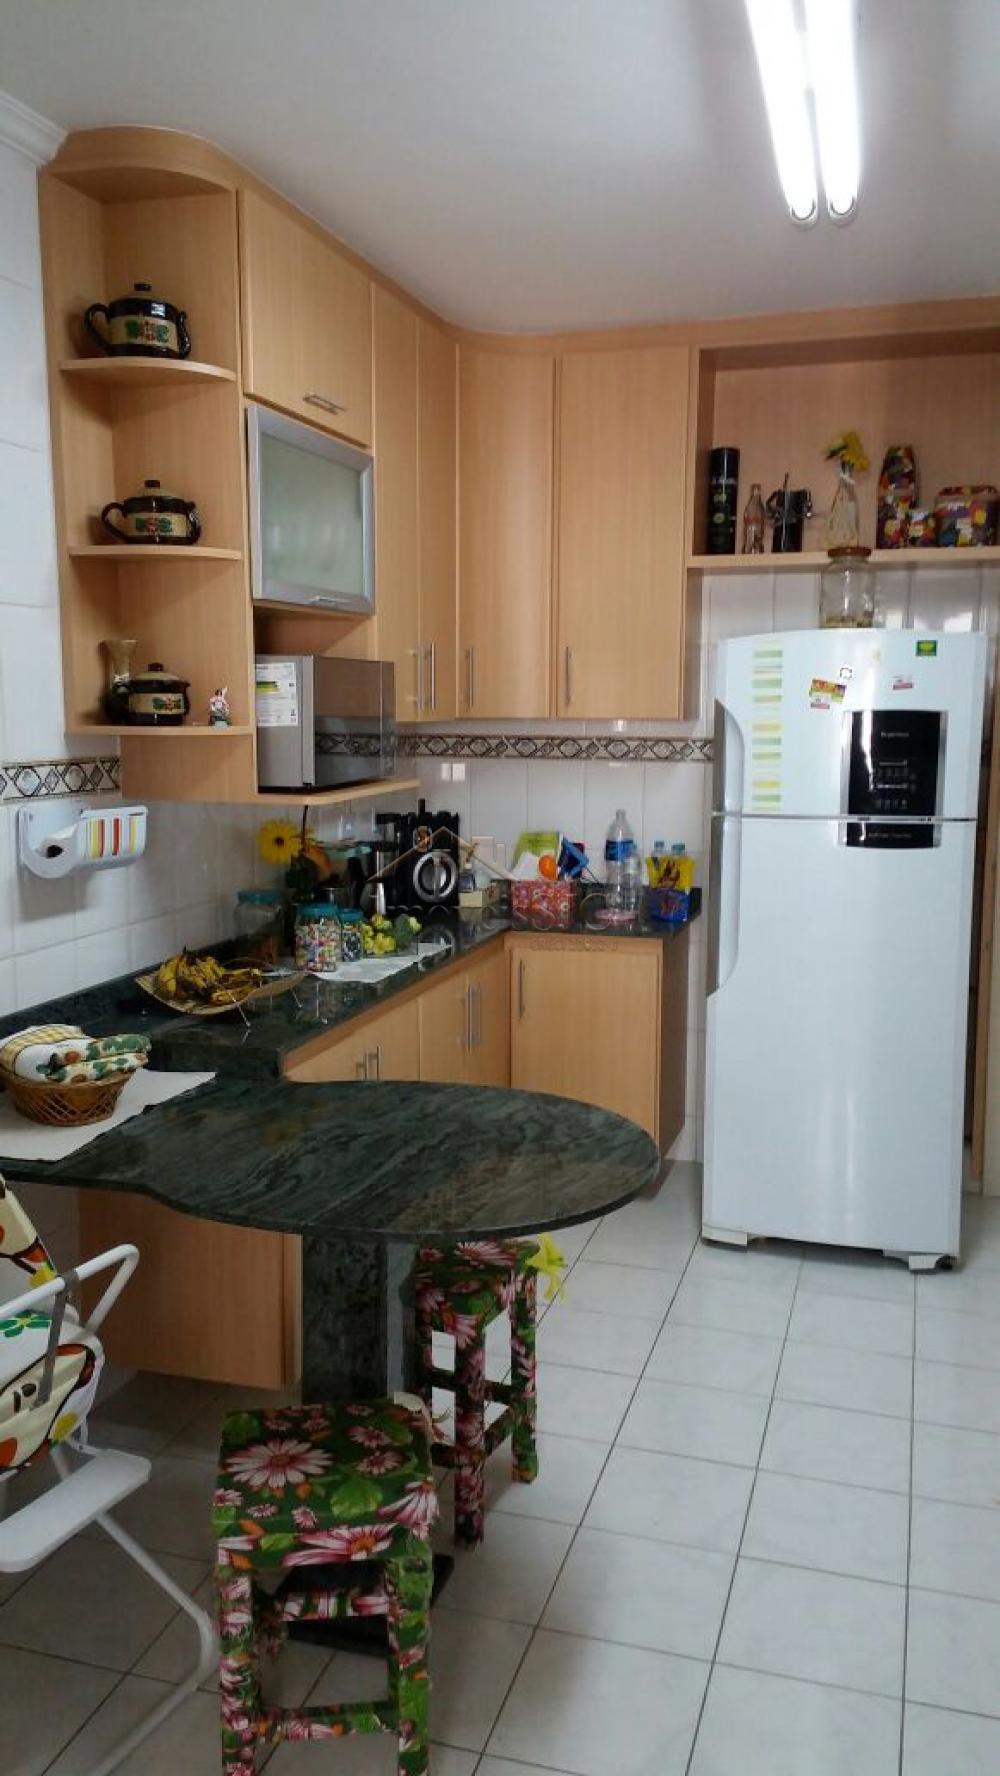 Comprar Apartamentos / Padrão em São José dos Campos apenas R$ 500.000,00 - Foto 16